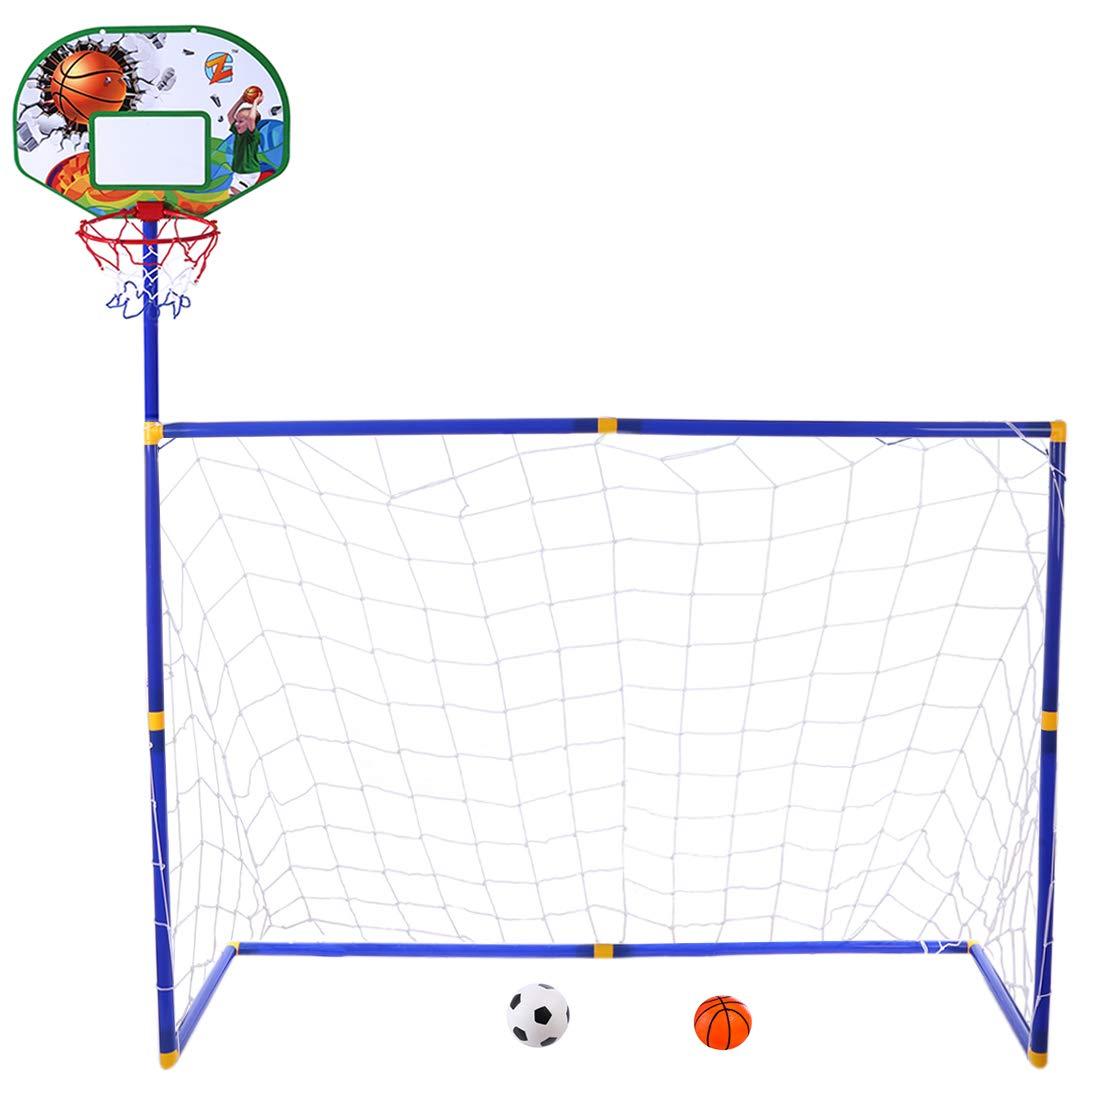 YAKOK Porta da Calcio Bambini, 115.5* 108* 45.5cm Bambini da Calcio e Pallacanestro Hoop Set per Calcio per Bambini Indoor e Outdoor Sport, Box Package, Brown, Blue, 158 * 158 * 45.5CM